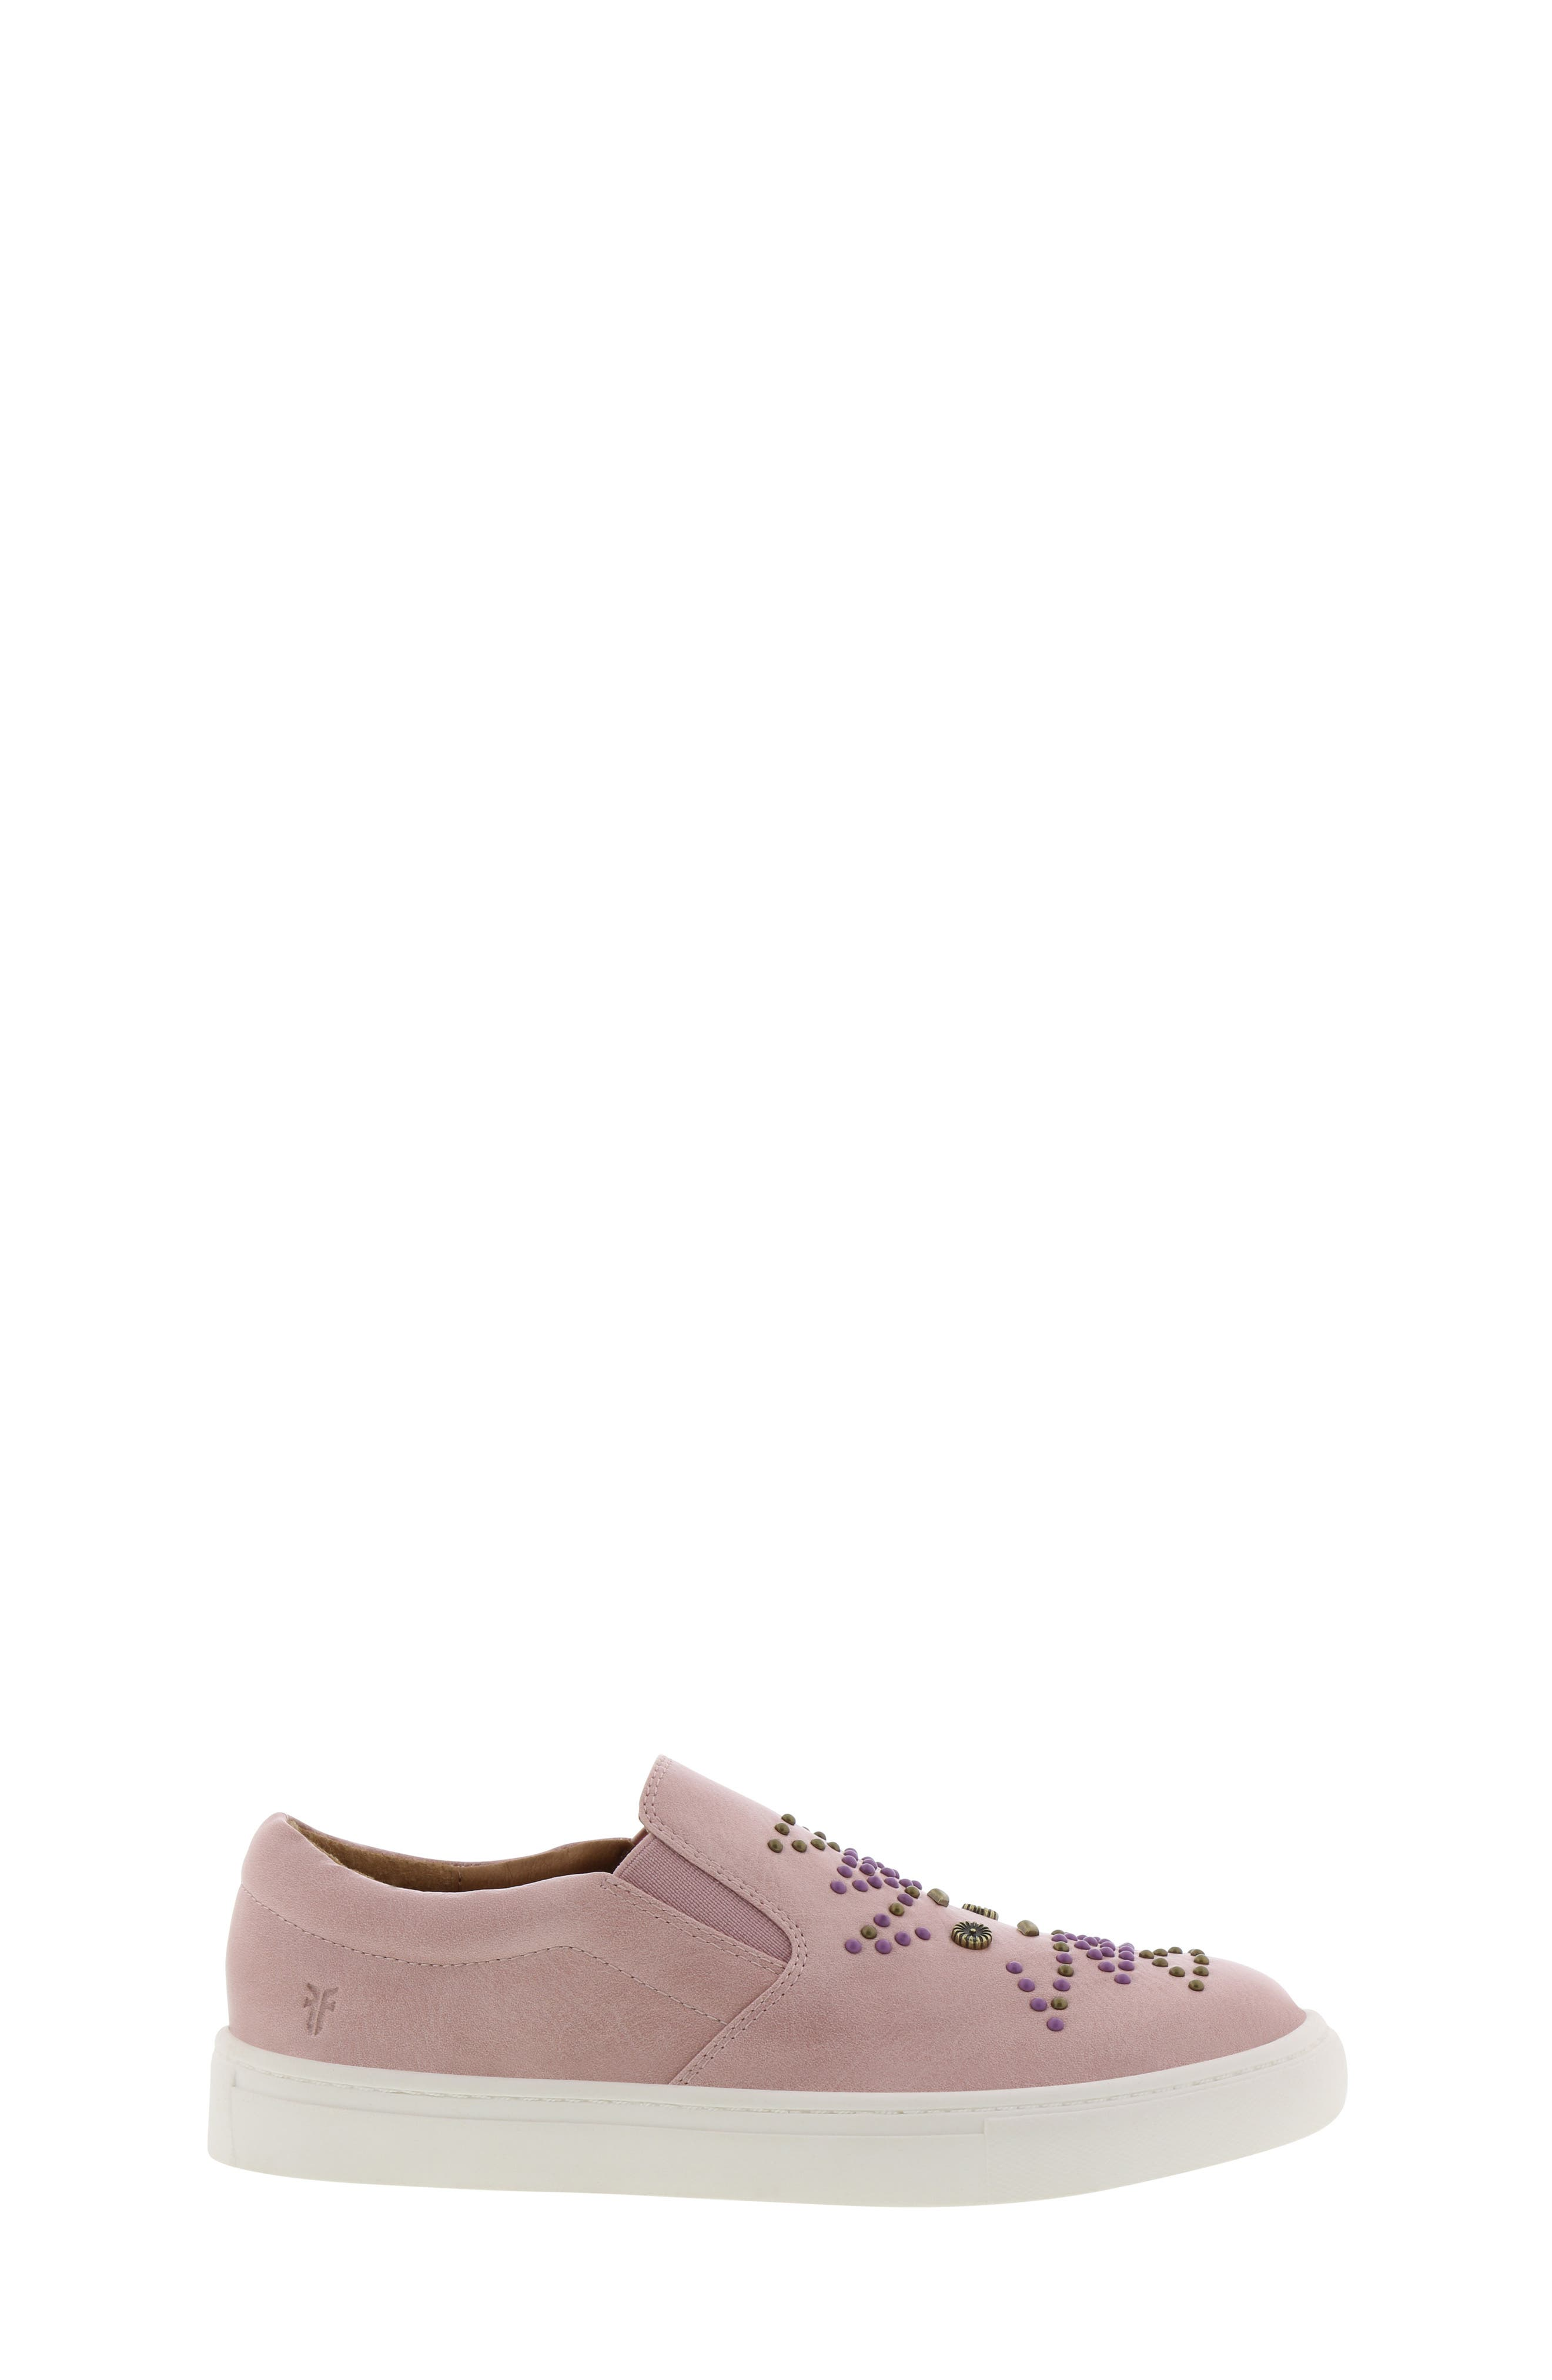 FRYE, Lena Studded Sneaker, Alternate thumbnail 3, color, 686